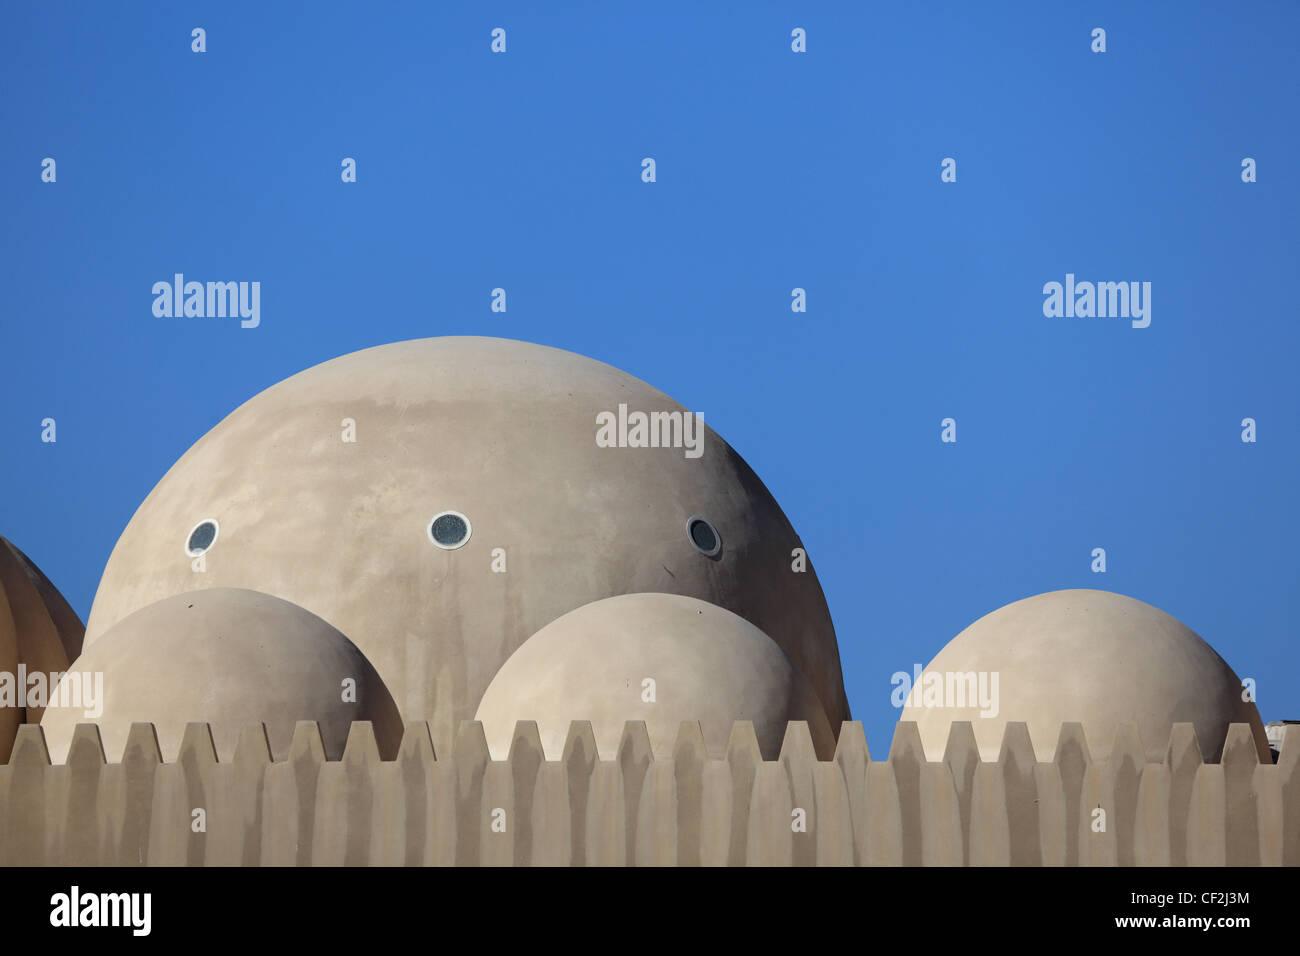 Architettura islamica in Dubai Emirati Arabi Uniti Immagini Stock